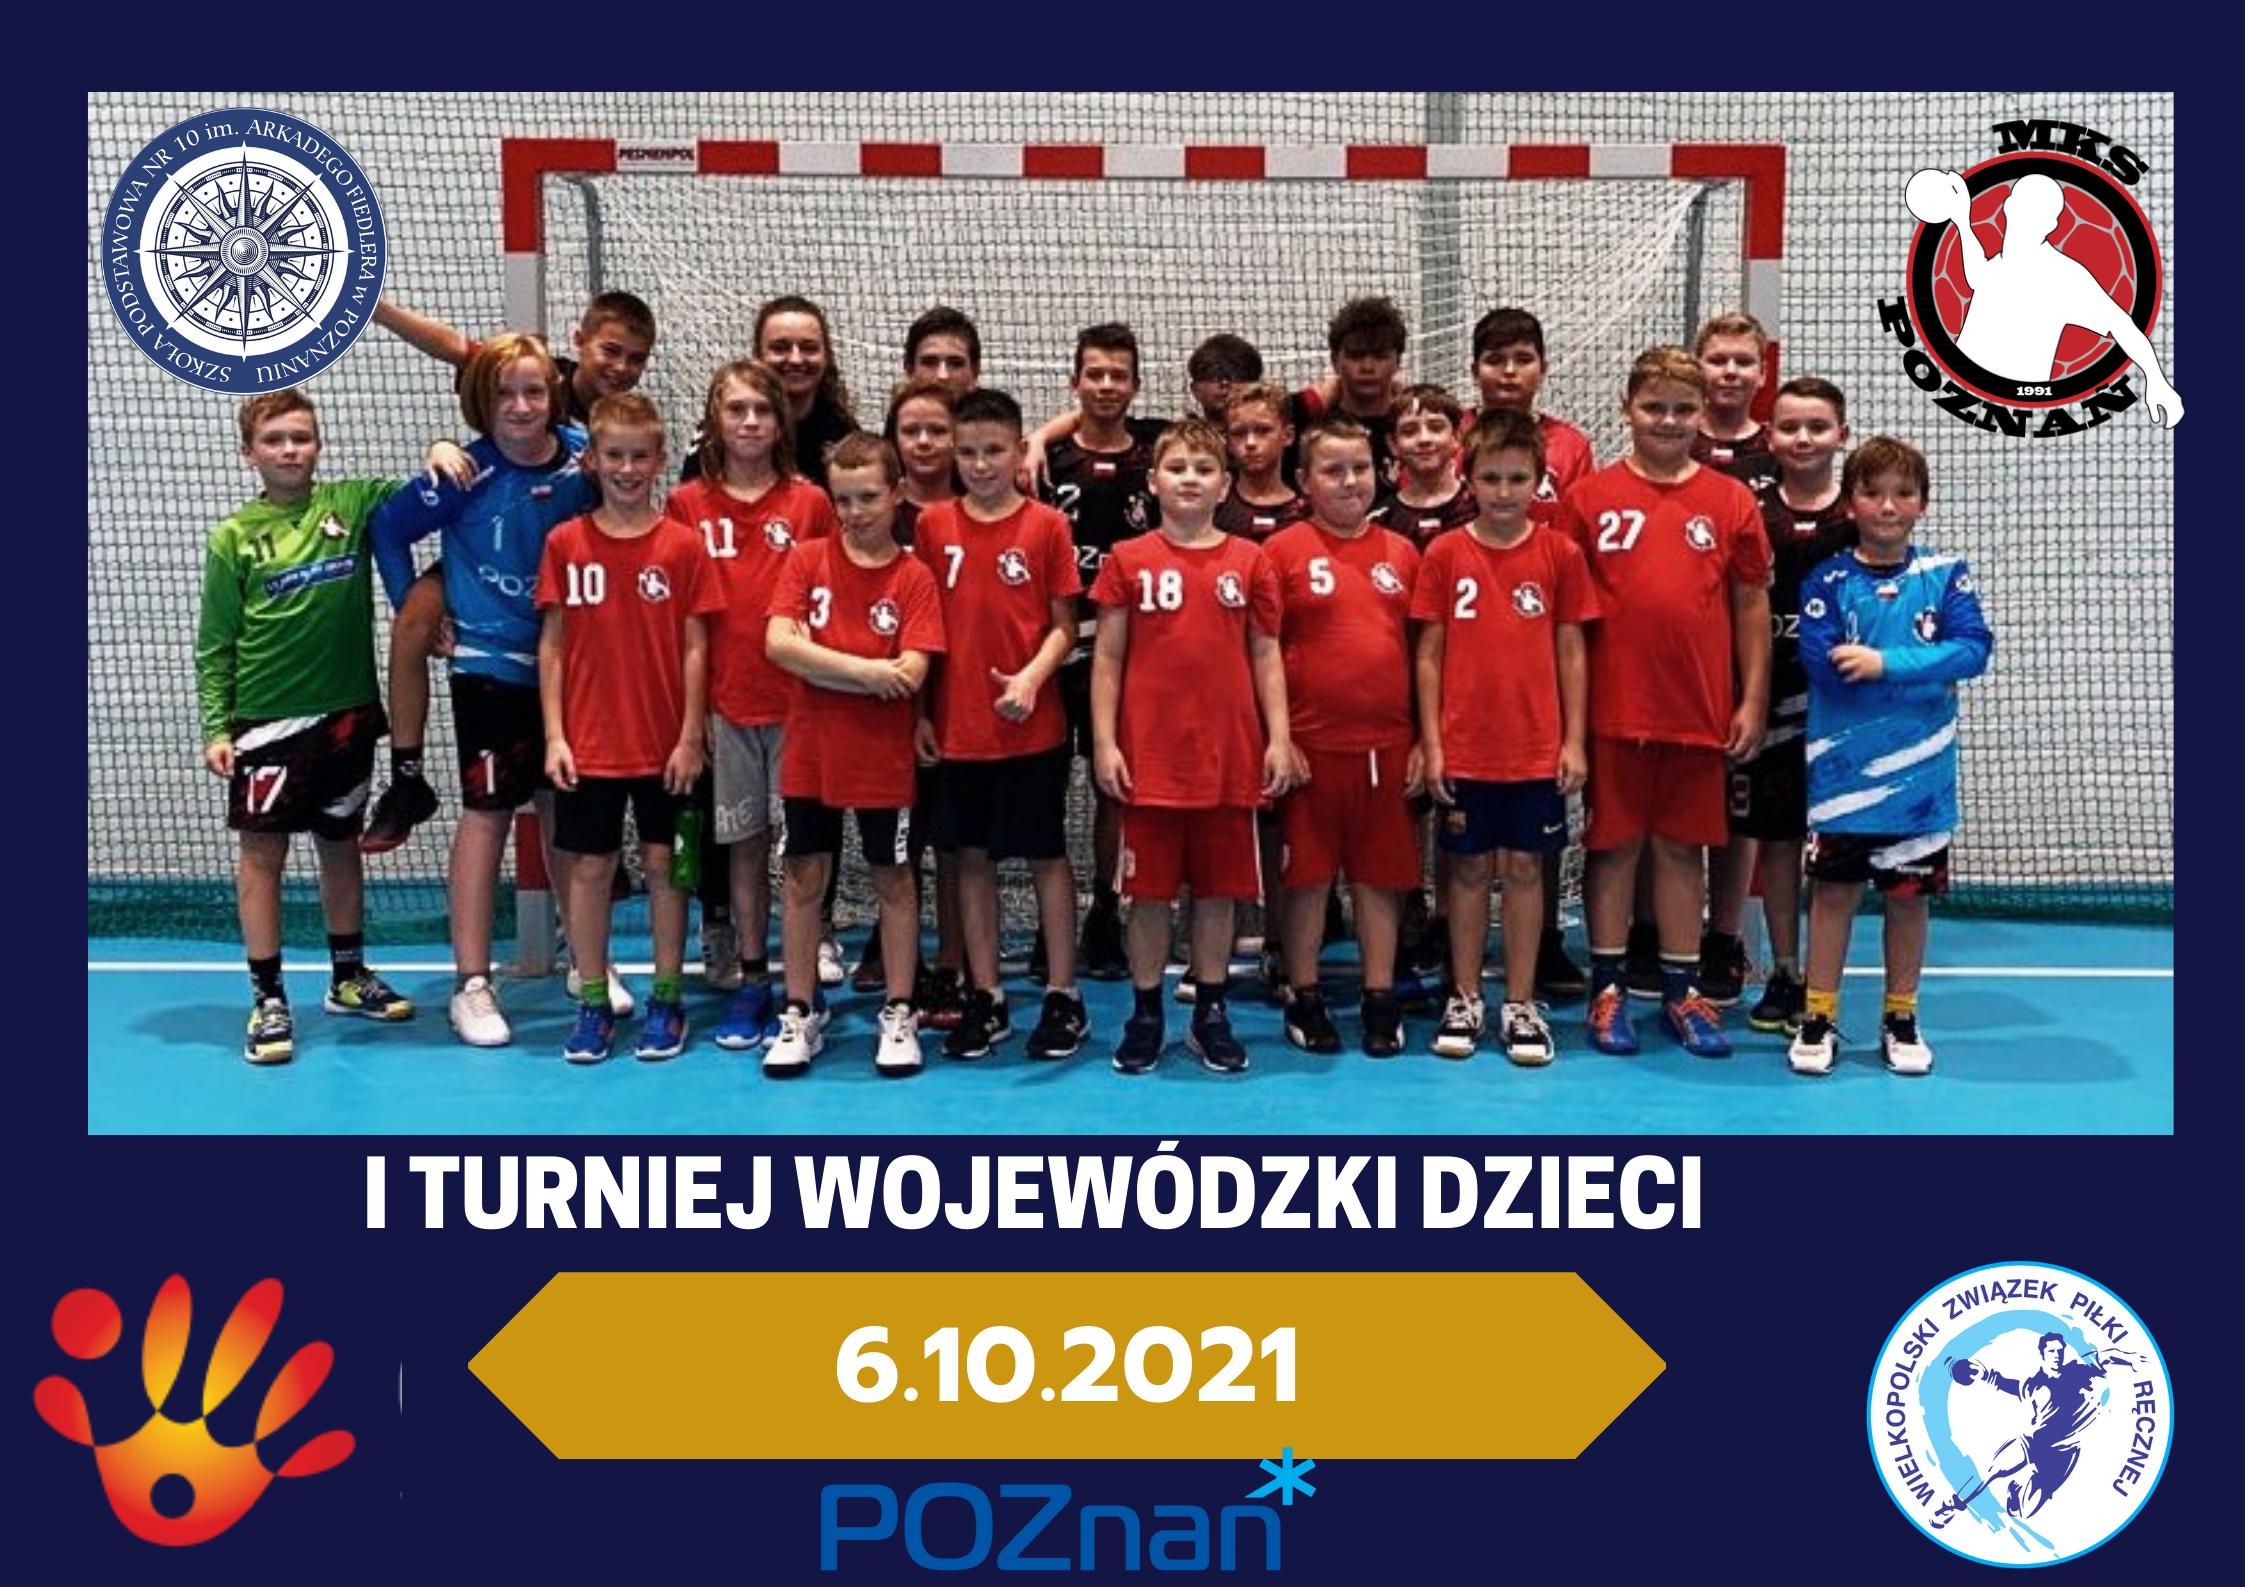 I Turniej Wojewódzki